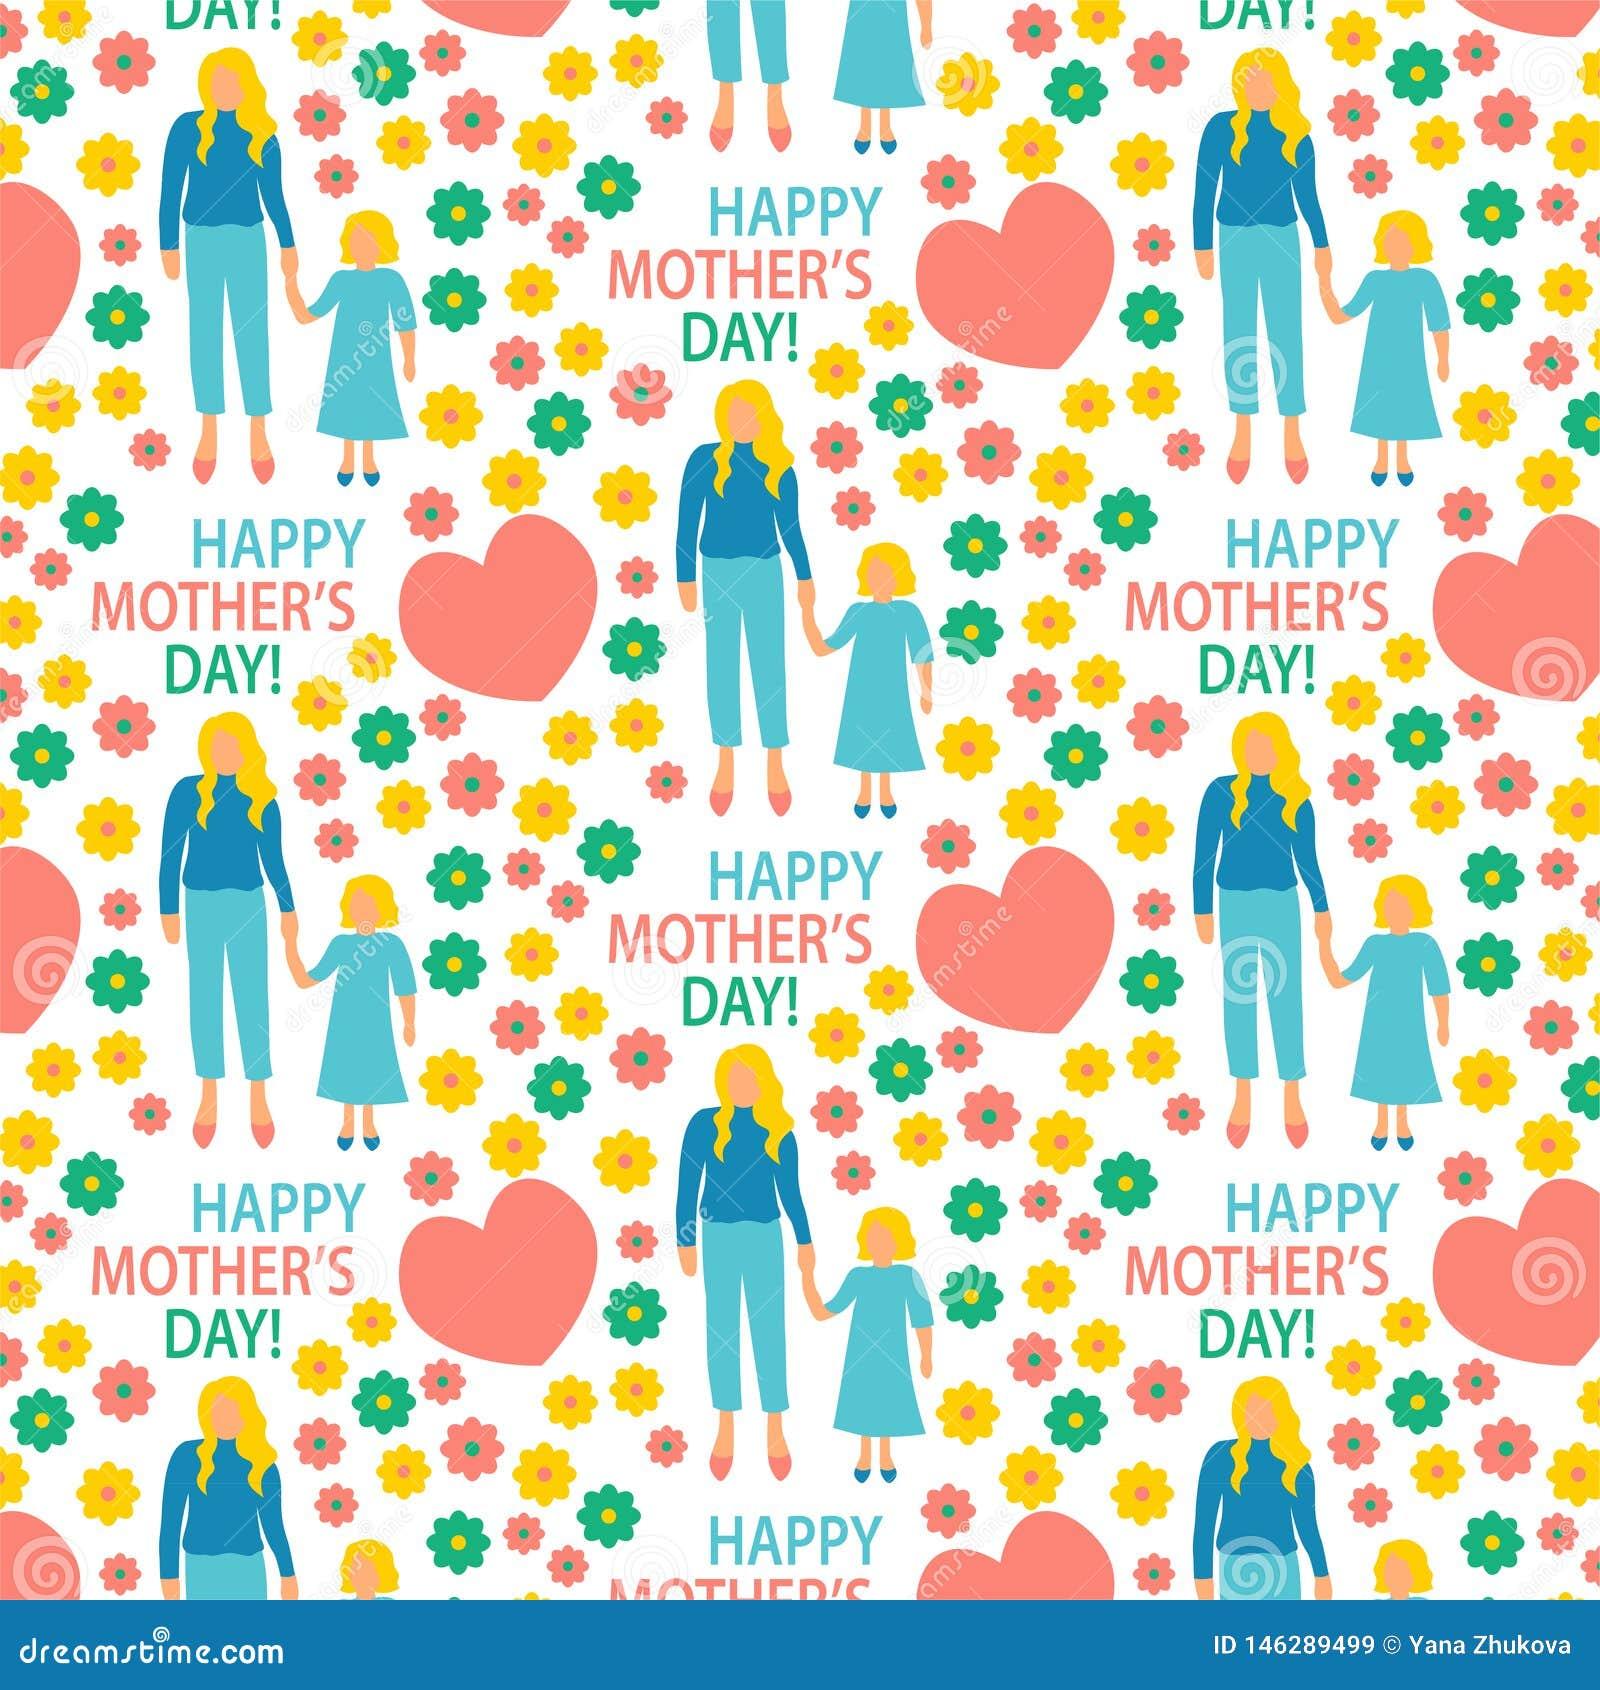 επίπεδη μητέρα απεικόνισης ύφους ευχετήριων καρτών με παιδιών της μητέρας ημέρας αφισών την ευτυχή μητρότητας τυπωμένη ύλη σχεδίω